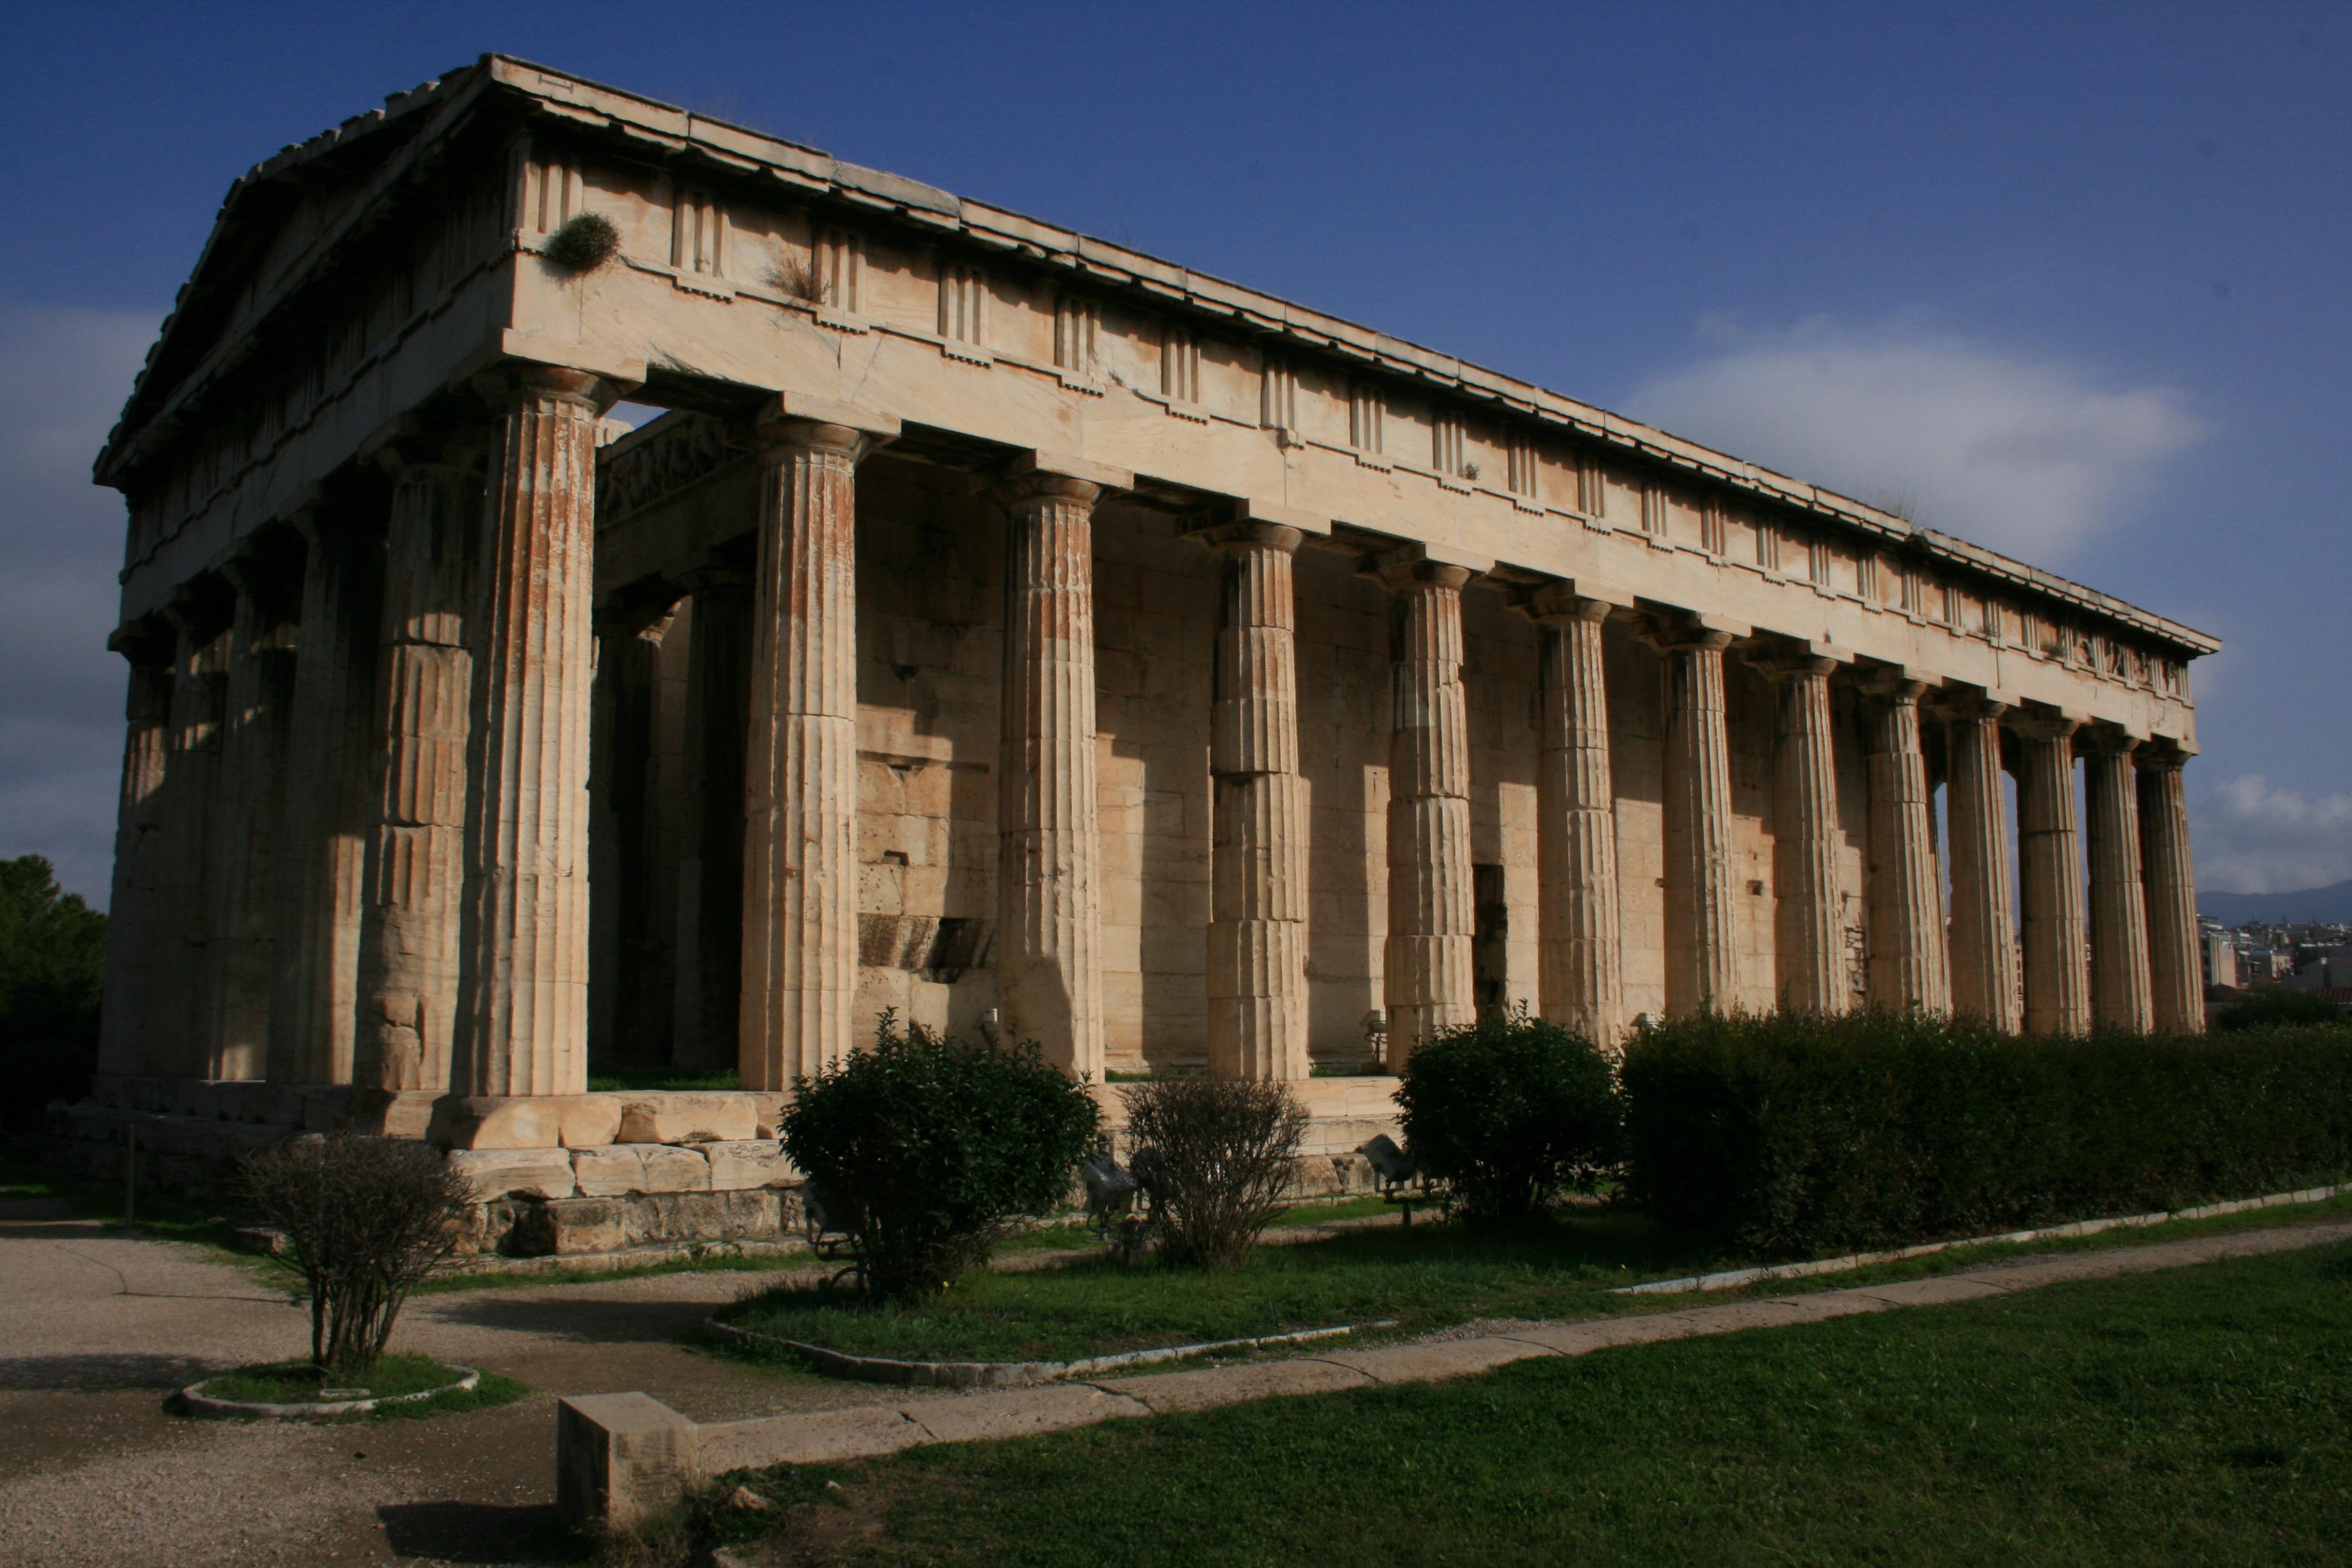 theseion temple de l'agora d'athenes grece